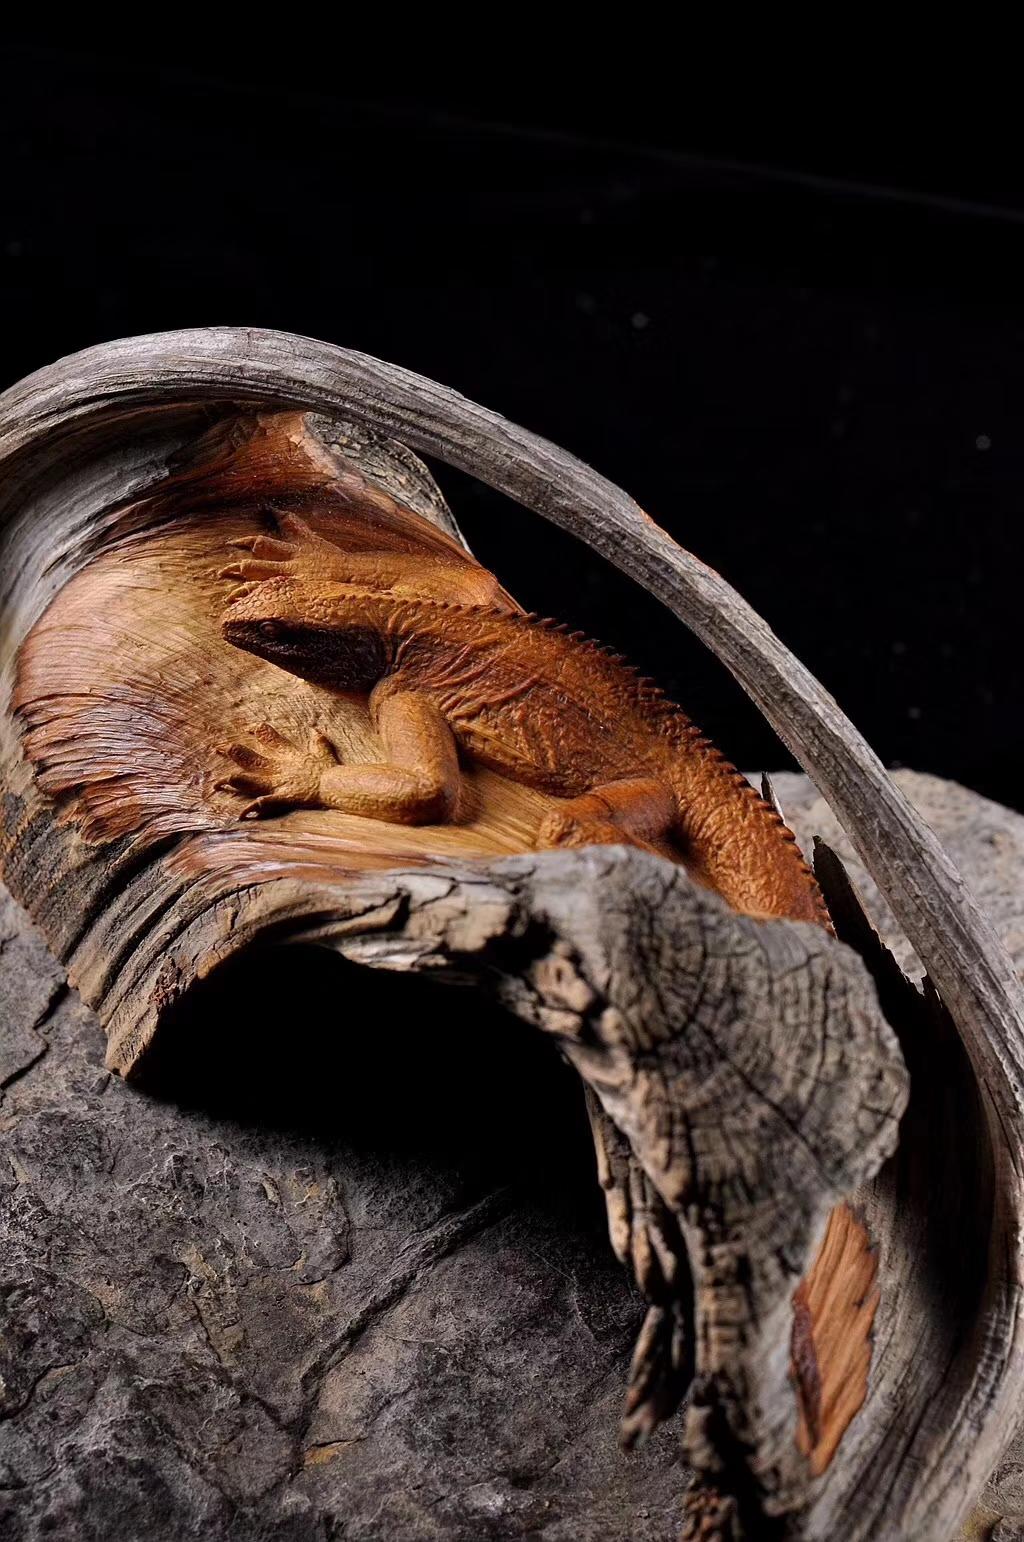 【精品】好一只蜥蜴(吸亿),刻画入微,细到血管,微至皮毛。细节决定品质,什么是细节,细节是用高超的技艺和时间的堆积组成的。